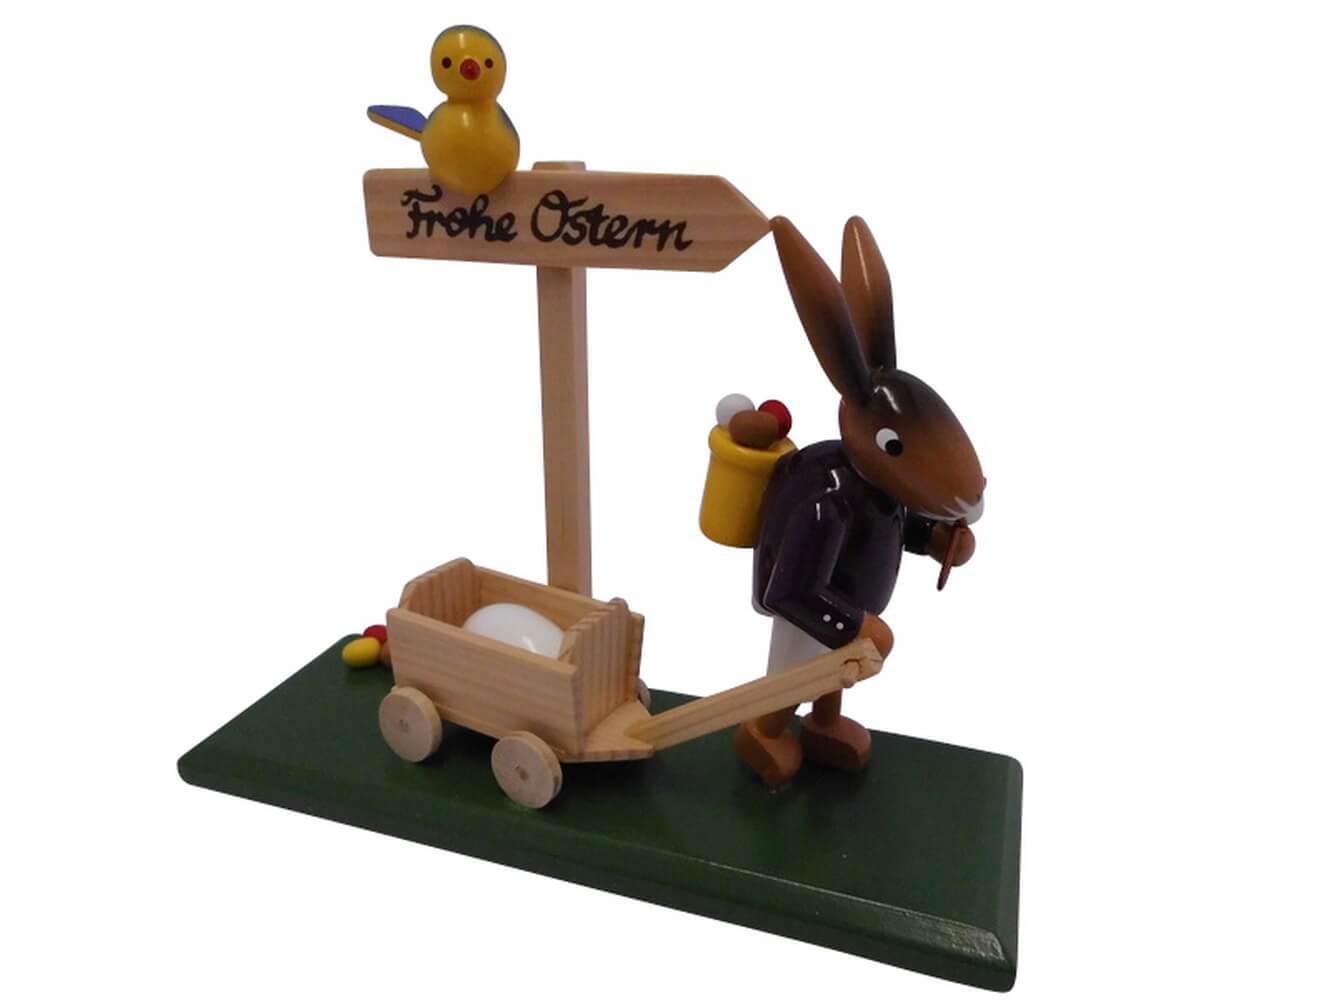 Osterhase mit Handwagen aus Birkenholz, farbig bemalt, er zieht einen Wagen voller bunter Ostereier, 12 cm von Nestler-Seiffen.com OHG Seiffen/ Erzgebirge